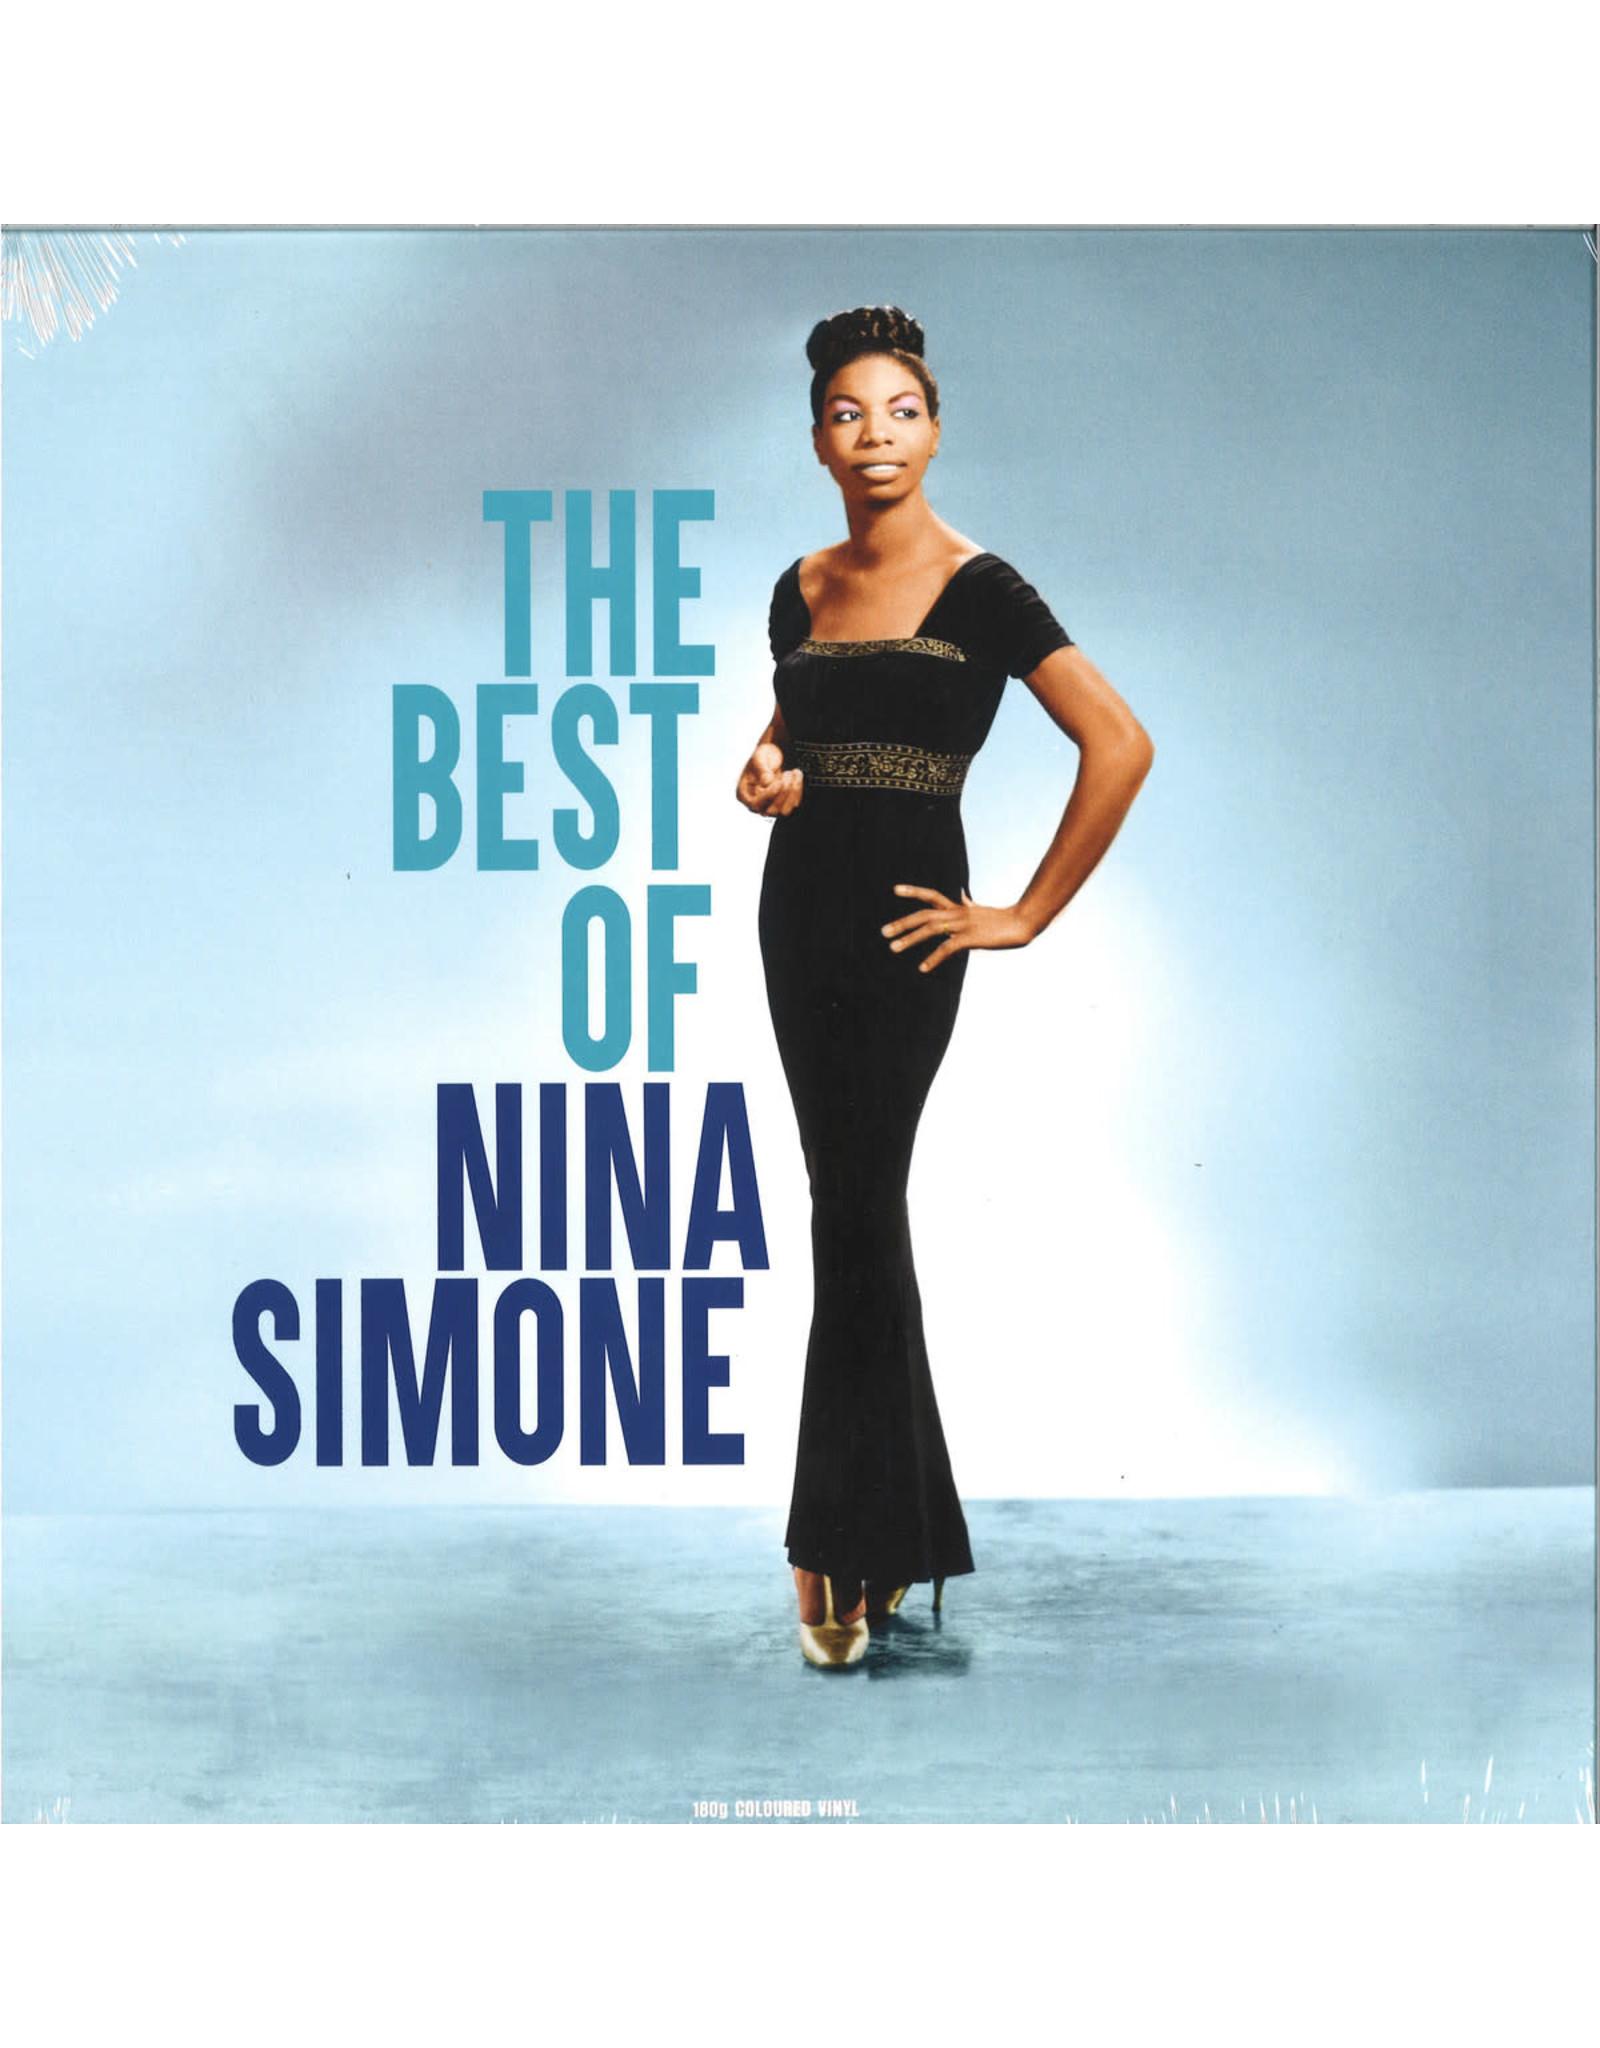 Simone, Nina - Best Of LP (180g-coloured vinyl)